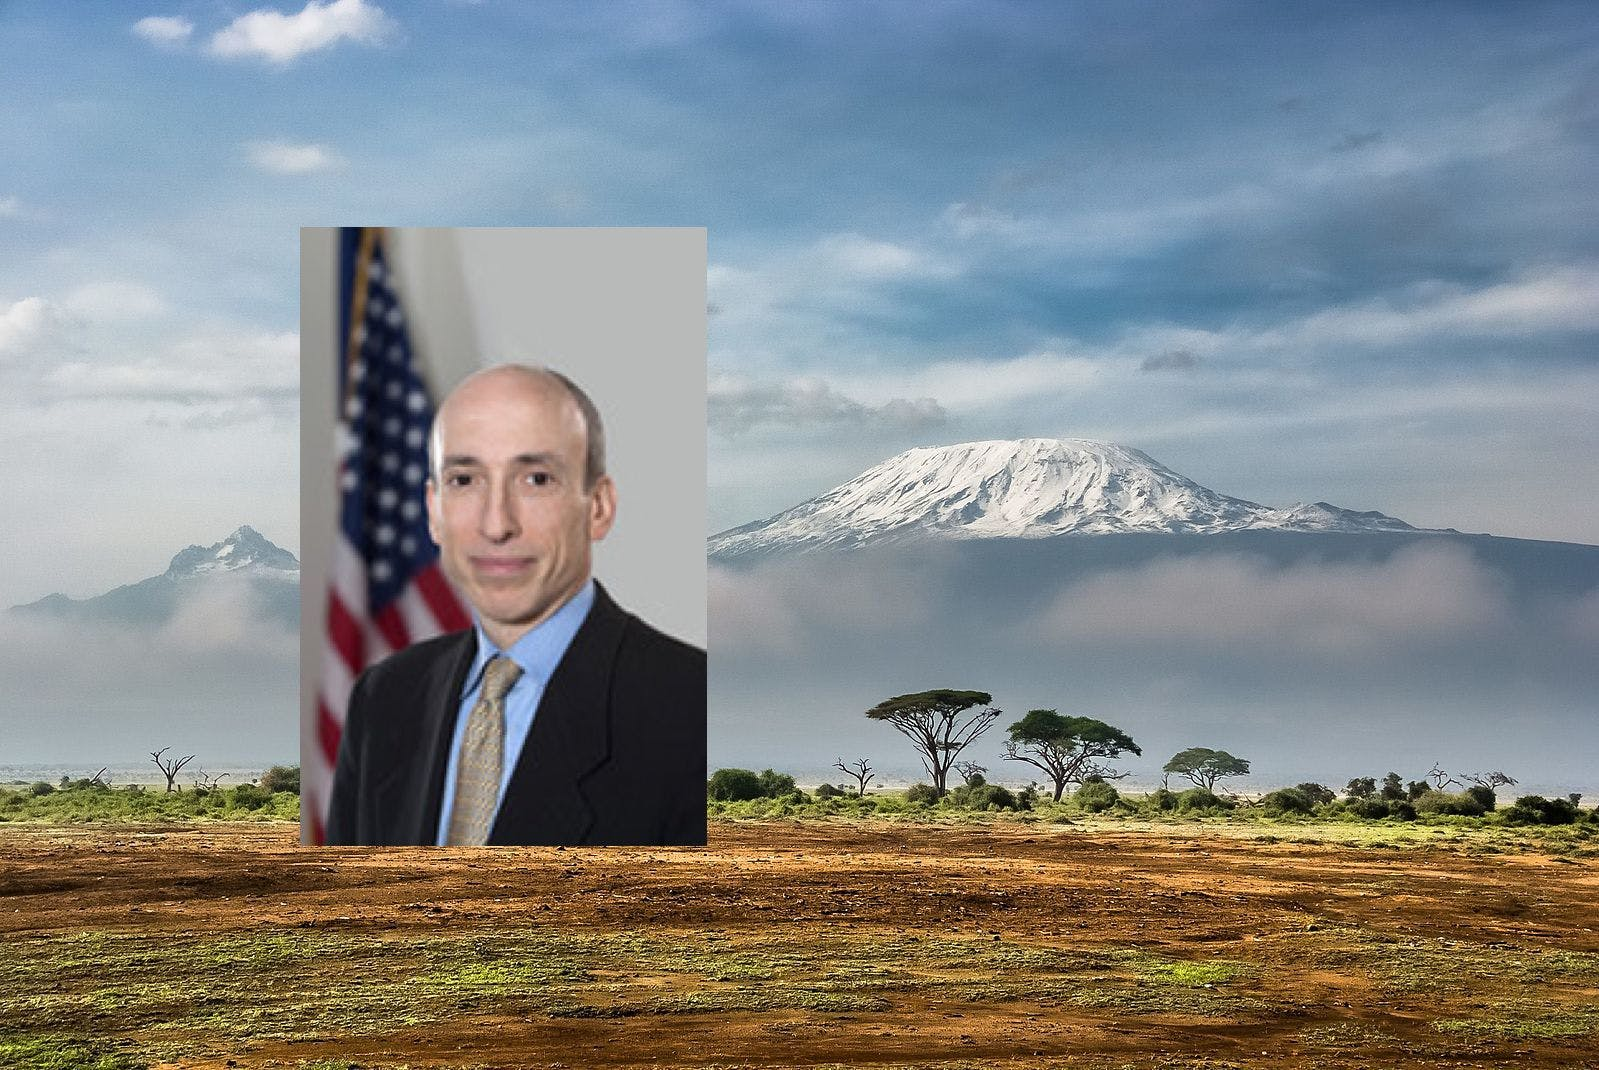 Gary Gensler beklom de Kilimajaro